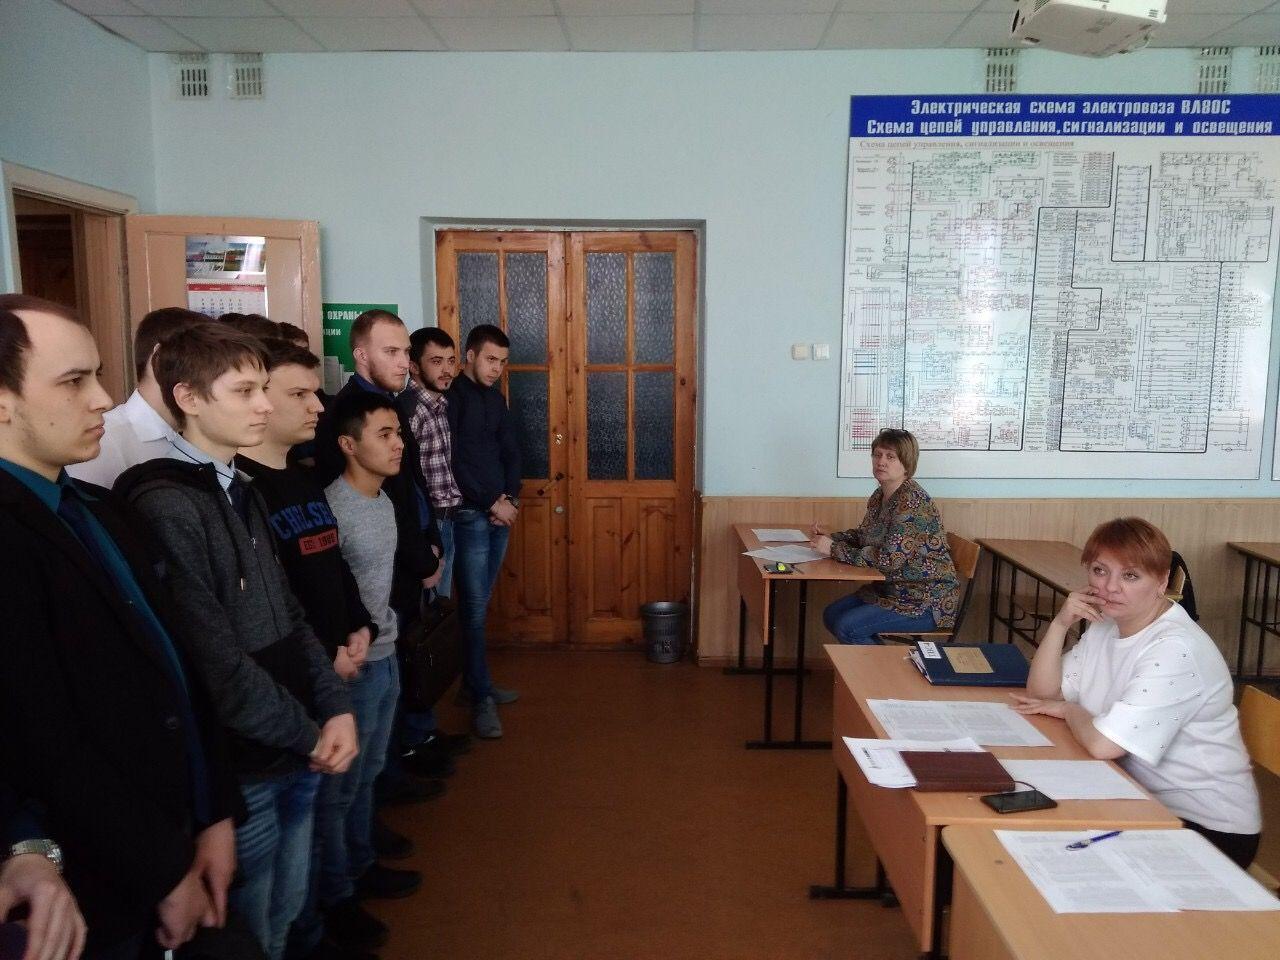 Распределение молодых специалистов по специальностям